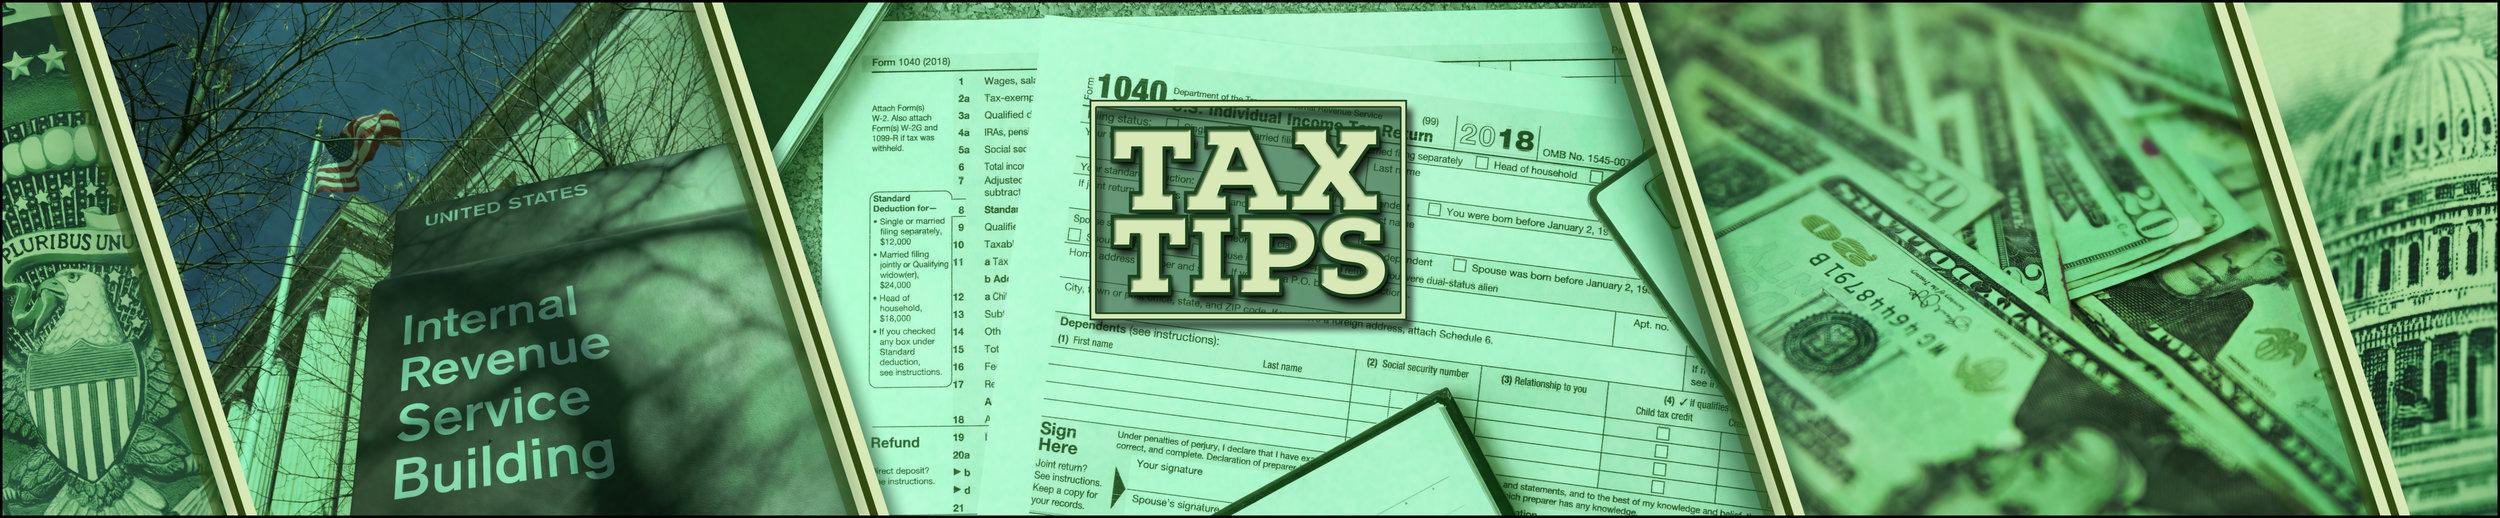 TAX-TIPS_WALL.jpg